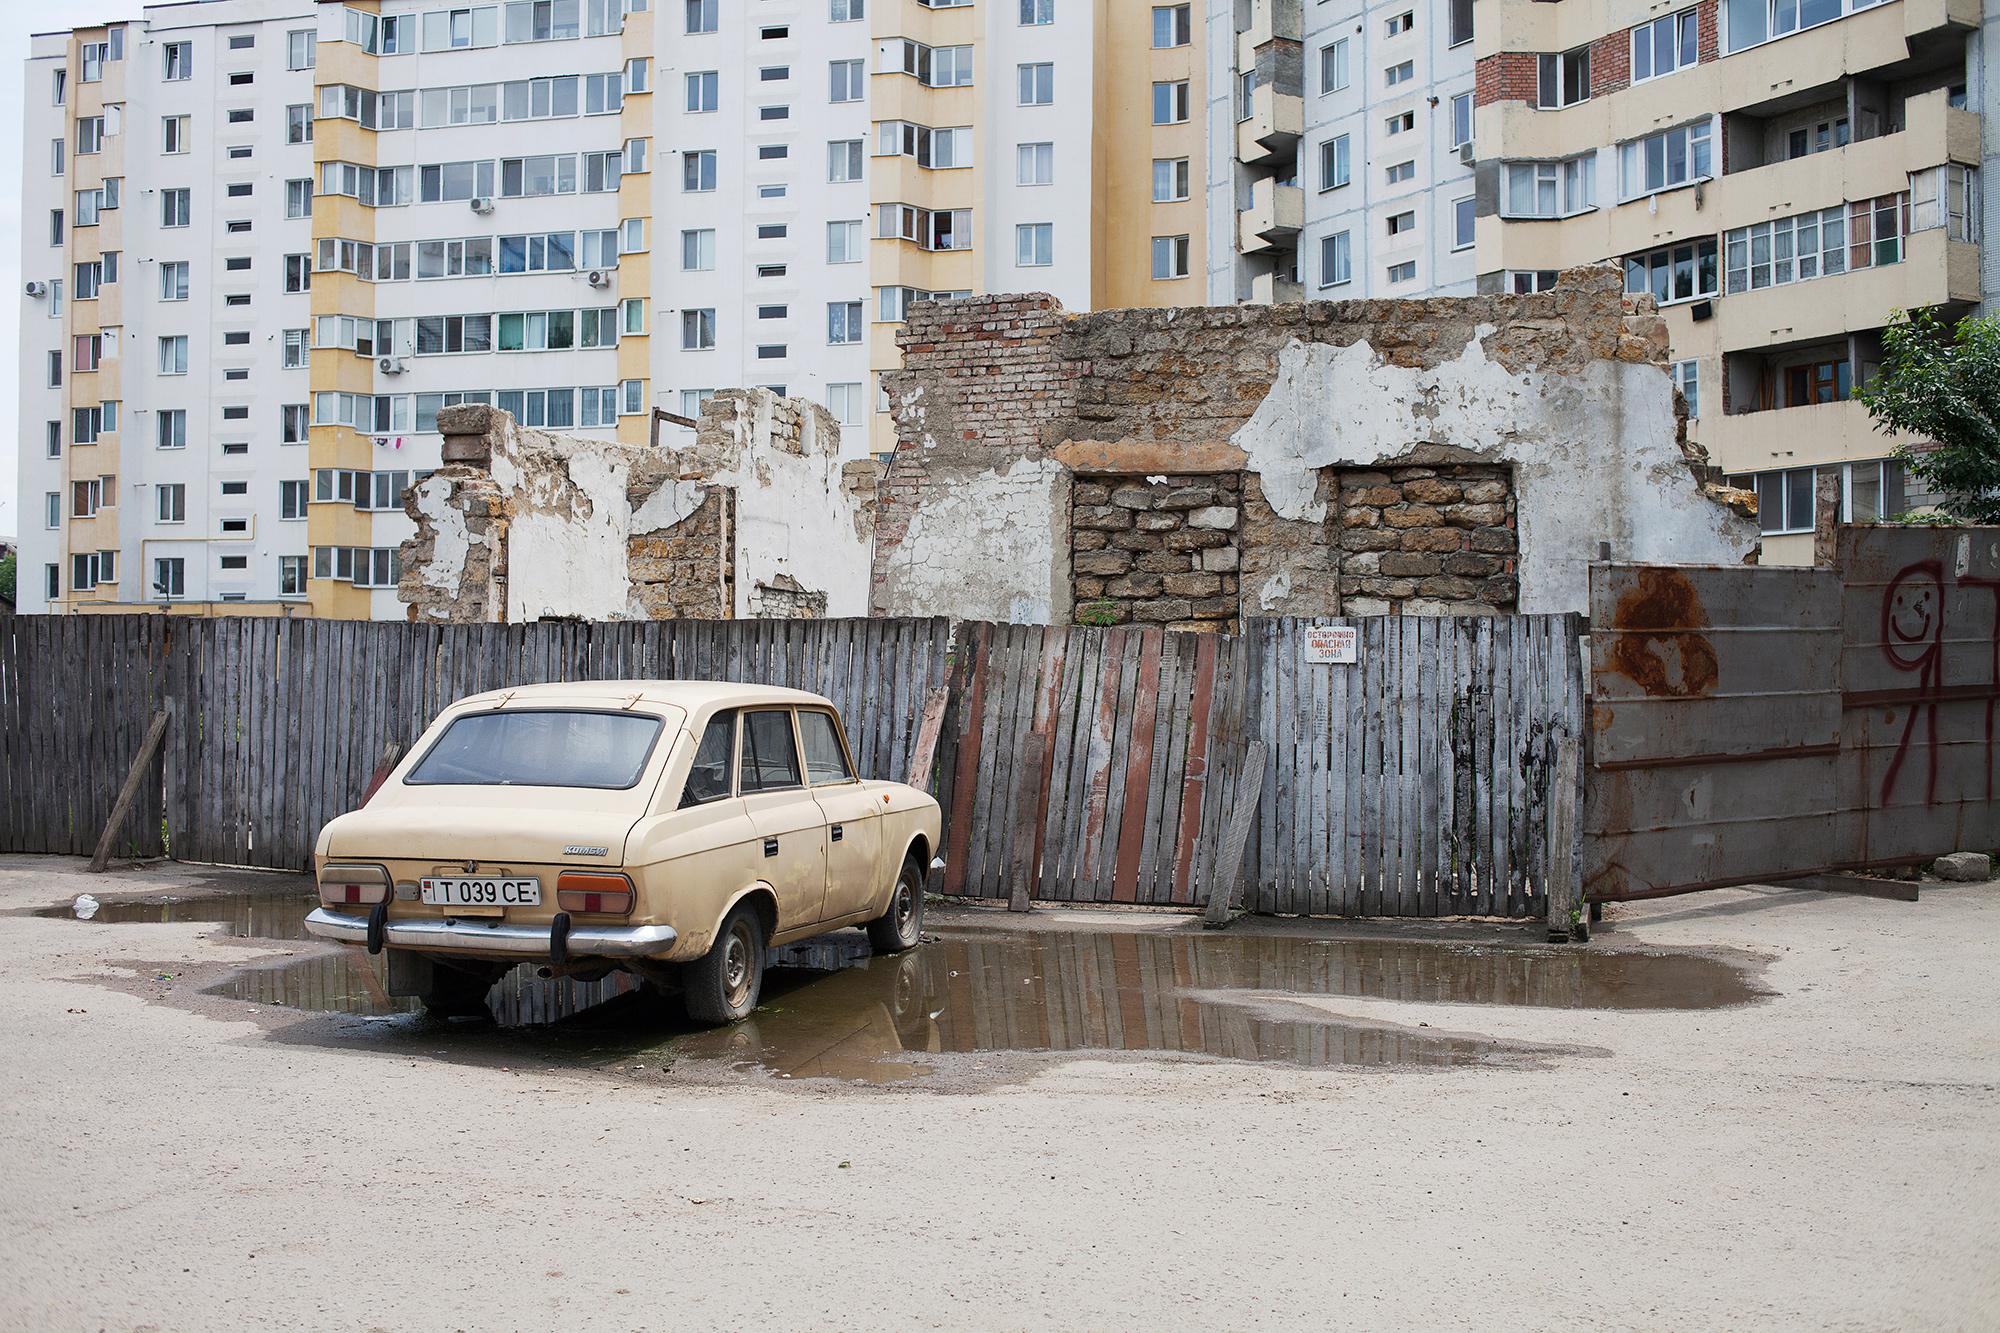 5_007_Transnistrien_29.05-Kopie.jpg